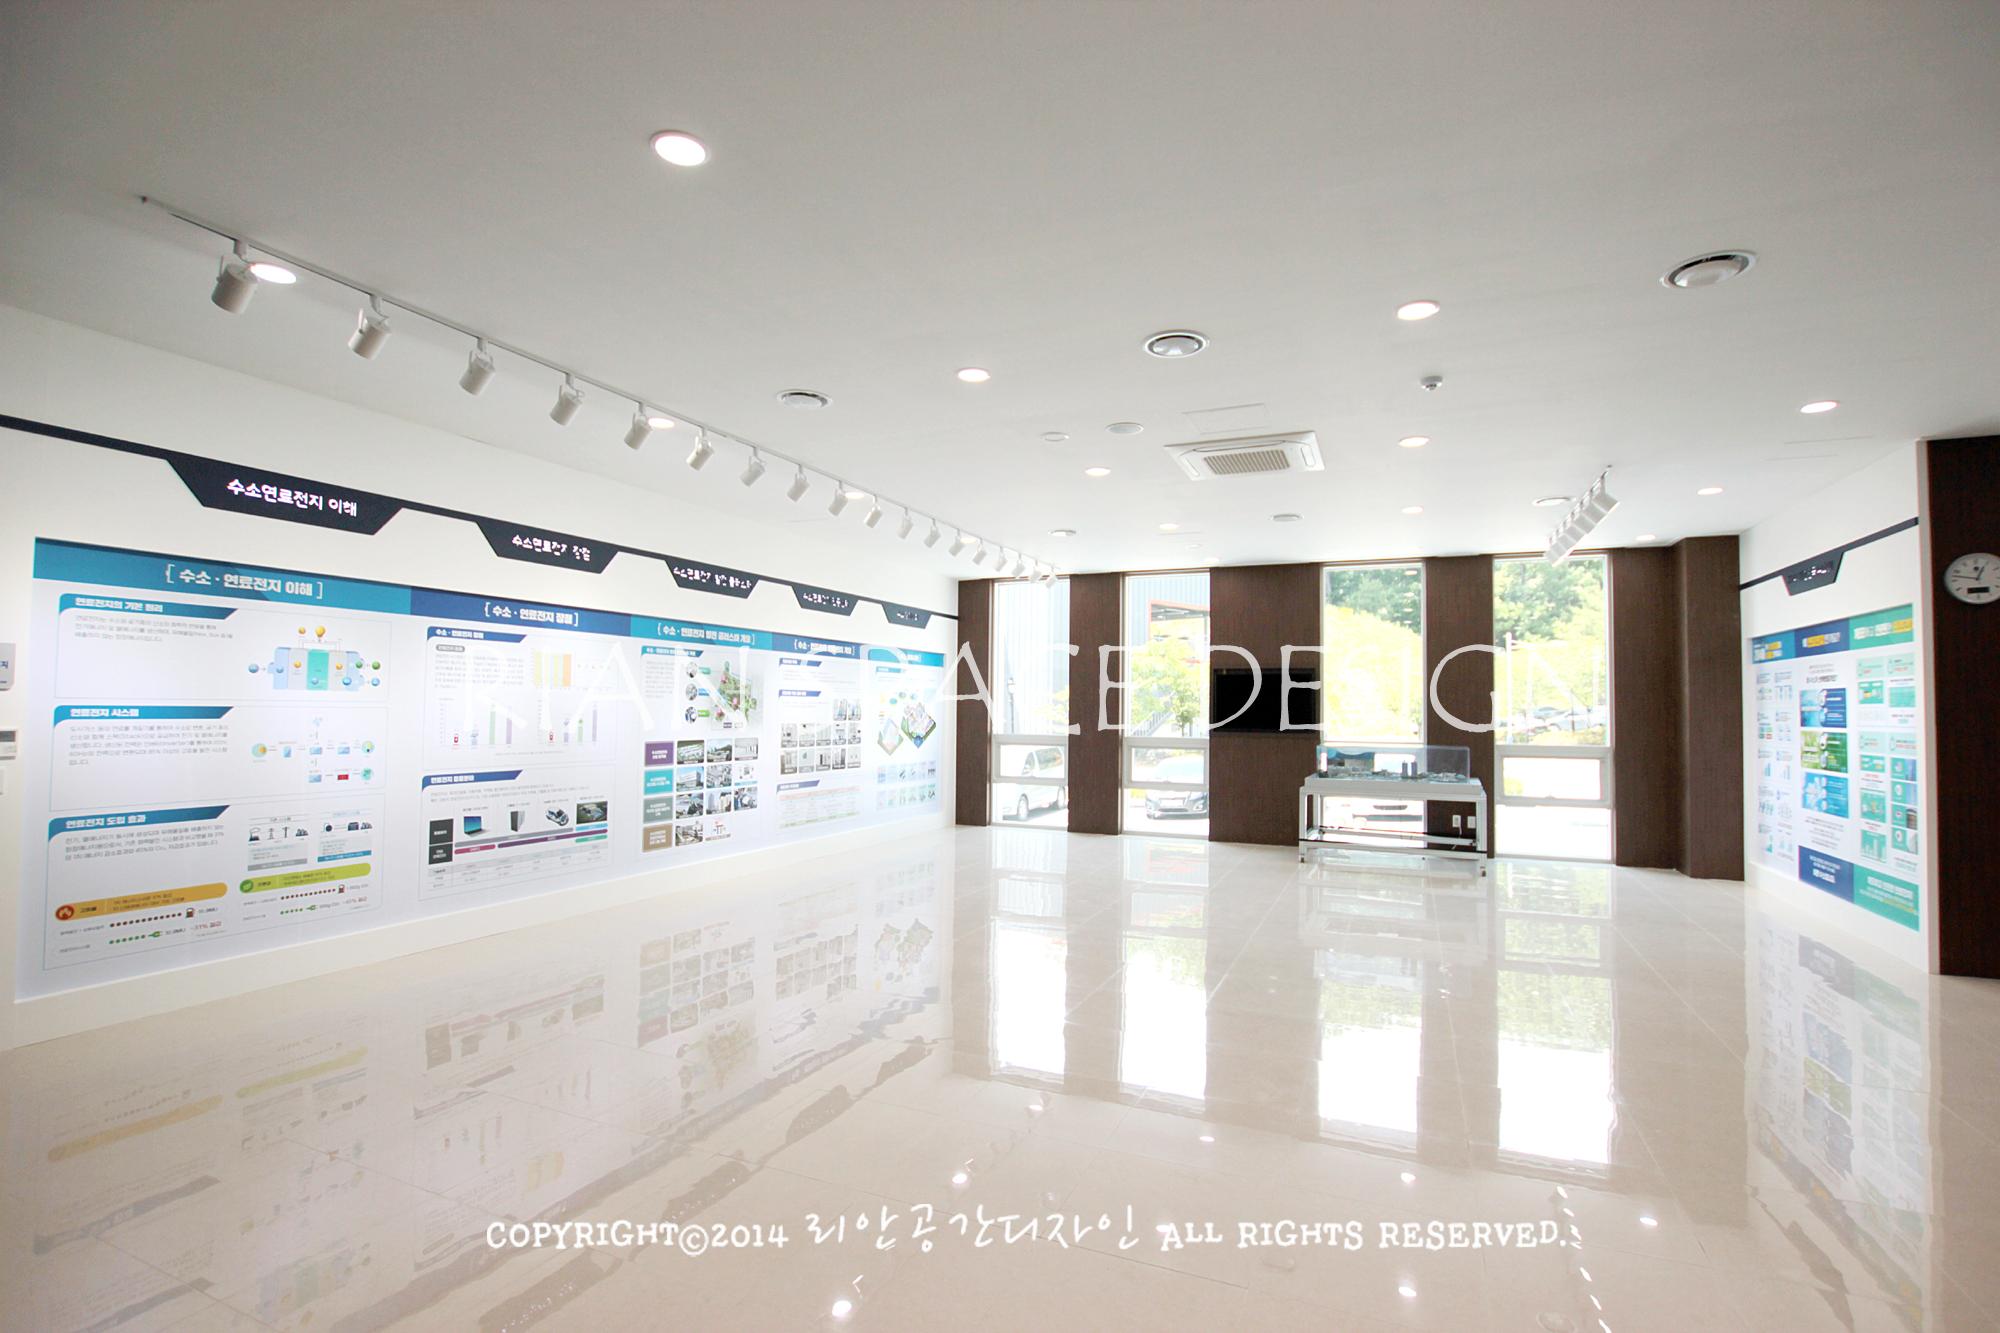 포항 수소연료전지 홍보센터